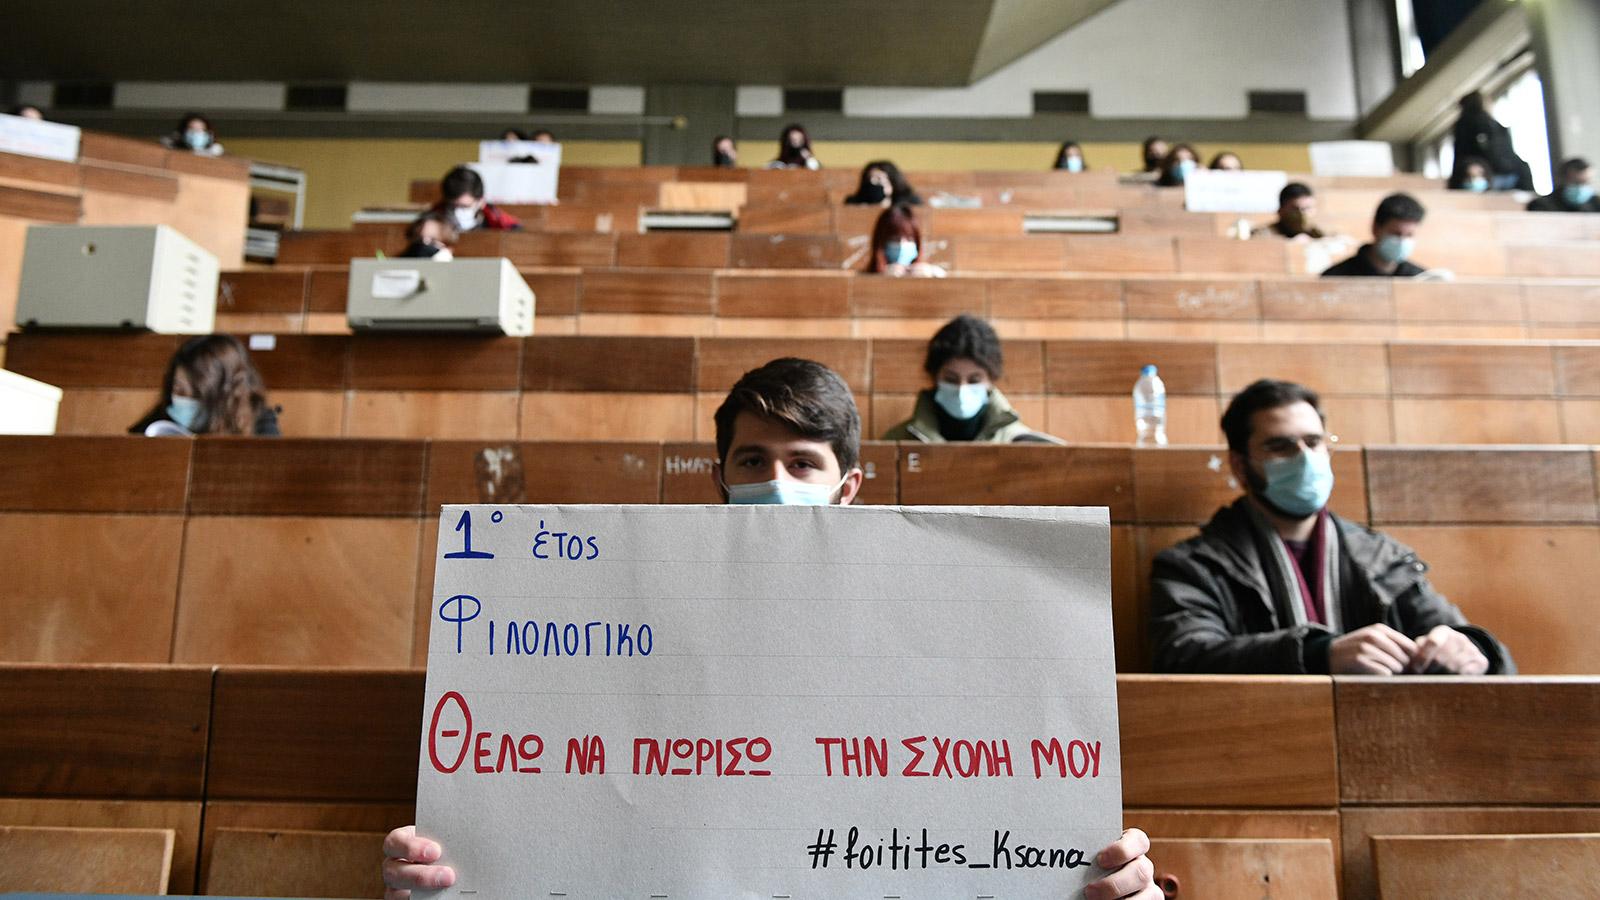 ΜΑΣ: Φοιτητές σε όλη τη χώρα «ανοίγουν τις σχολές» τους [ΕΙΚΟΝΕΣ]